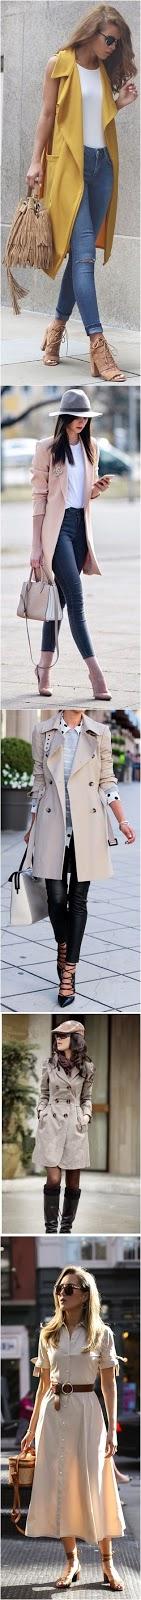 moda inverno 2018